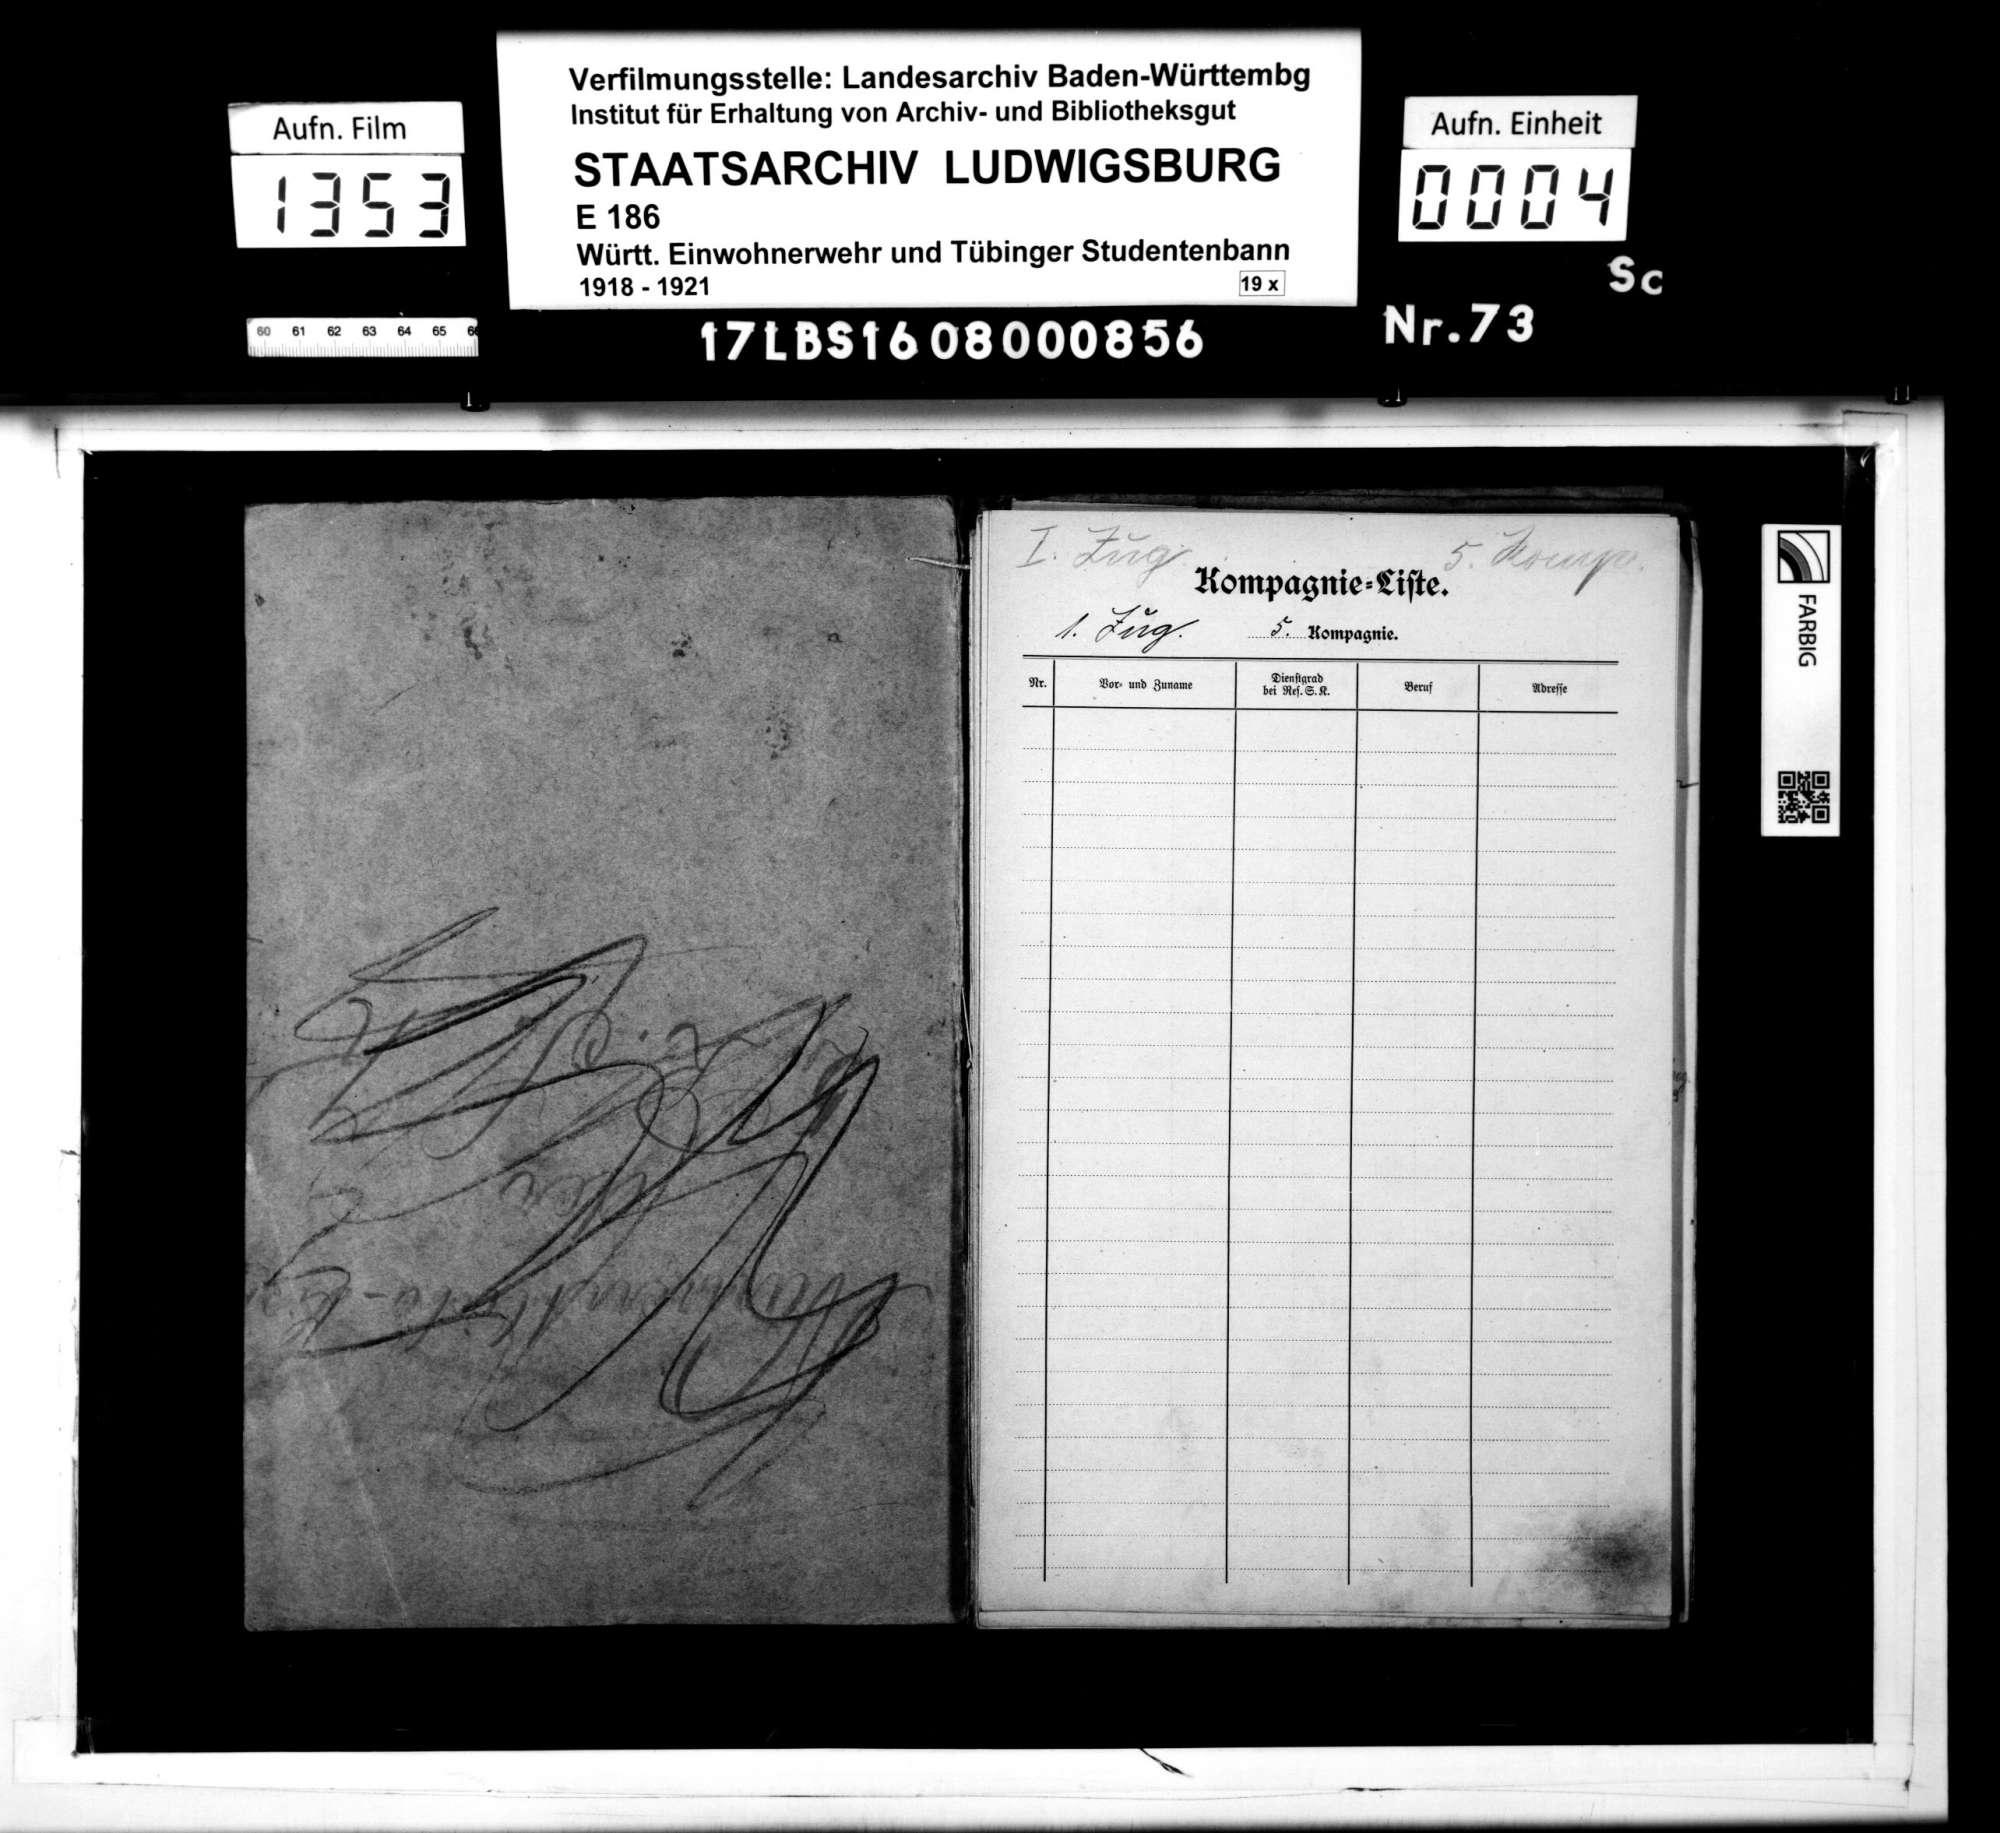 Kompanie-Liste der 5. Reserve-Sicherheits-Kompanie (Kompanieführer Keinert), Bild 1